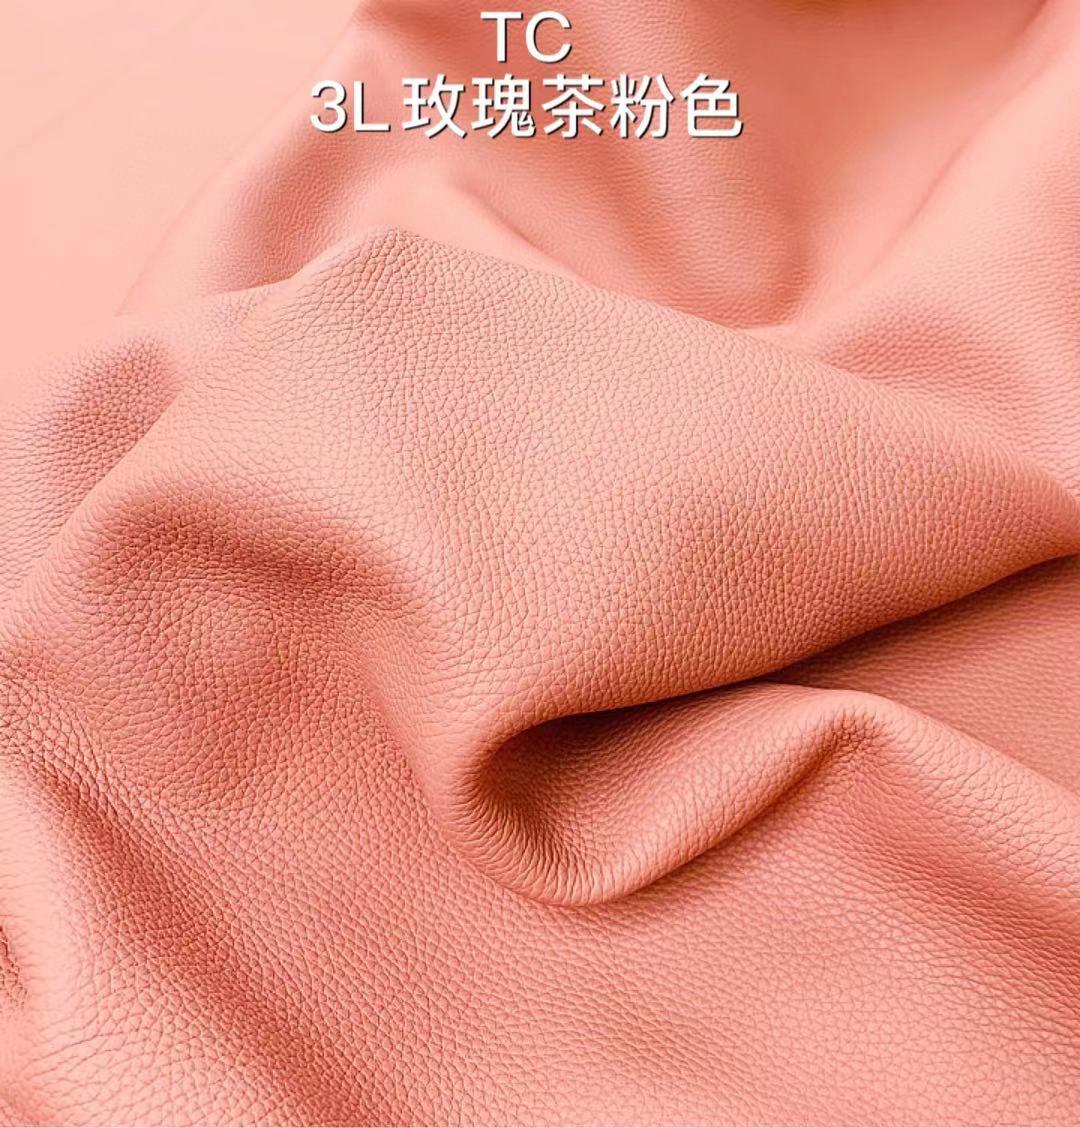 Hermès(爱马仕)新皮 玫瑰茶粉色 定制 Mini lindy  Lindy26cm  Lindy30cm 、Picotin 18 22cm